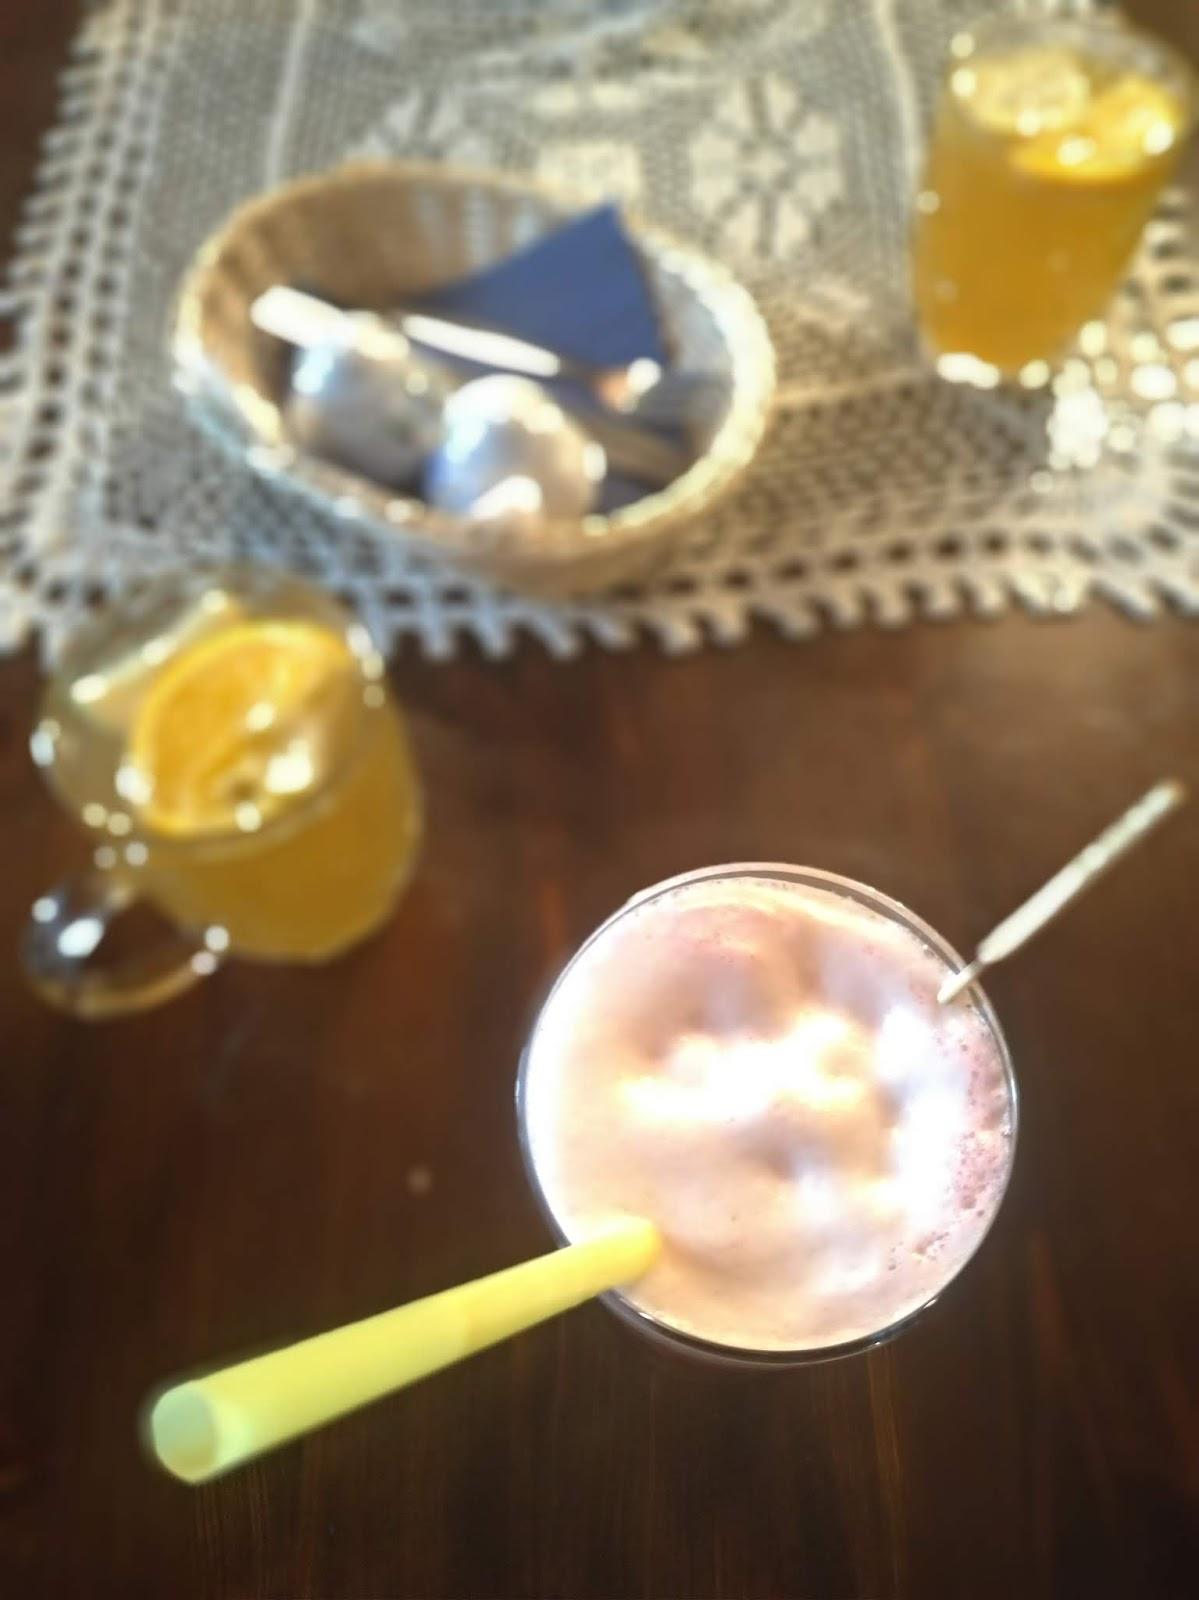 restauracja Checz na Helu, piwo z wiśniami, grzaniec pszeniczny z cytrusami